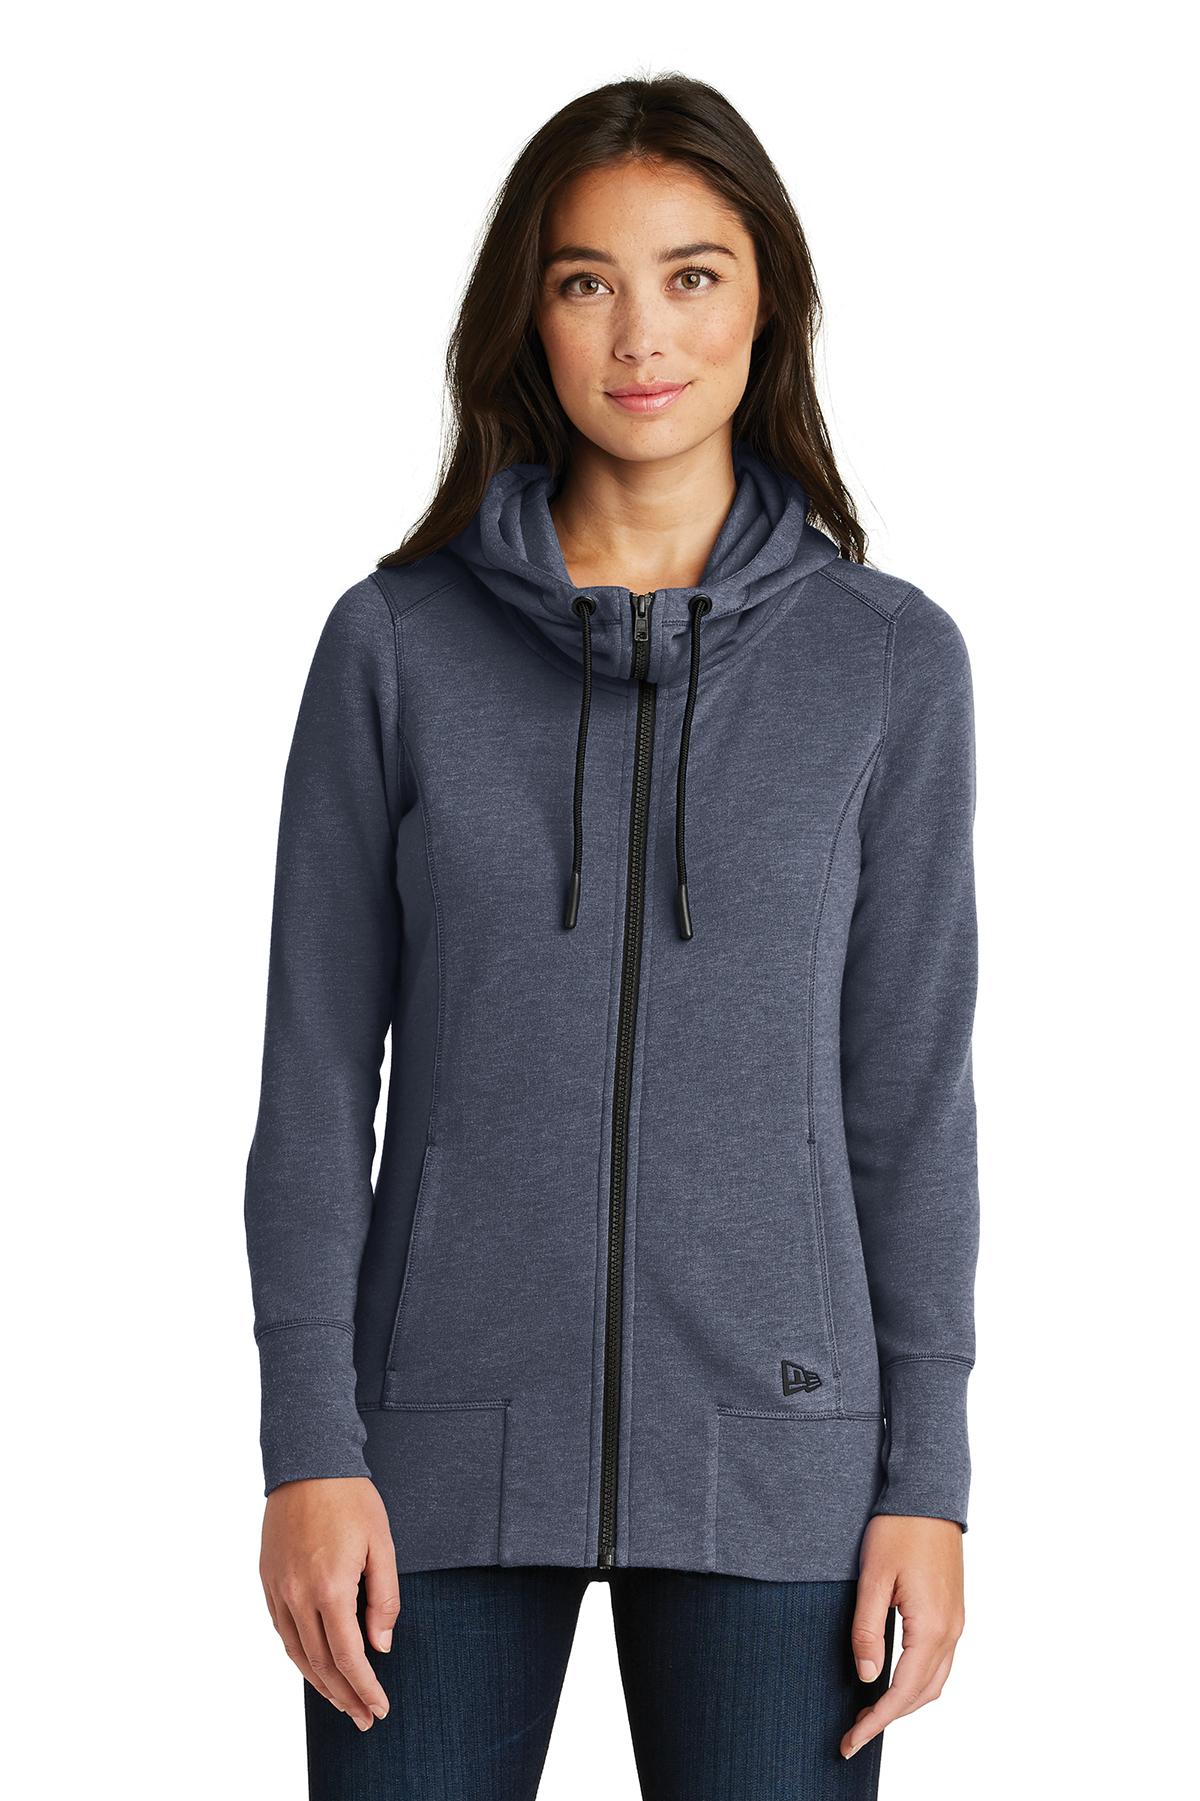 53865c84711 New Era® Ladies Tri-Blend Fleece Full-Zip Hoodie